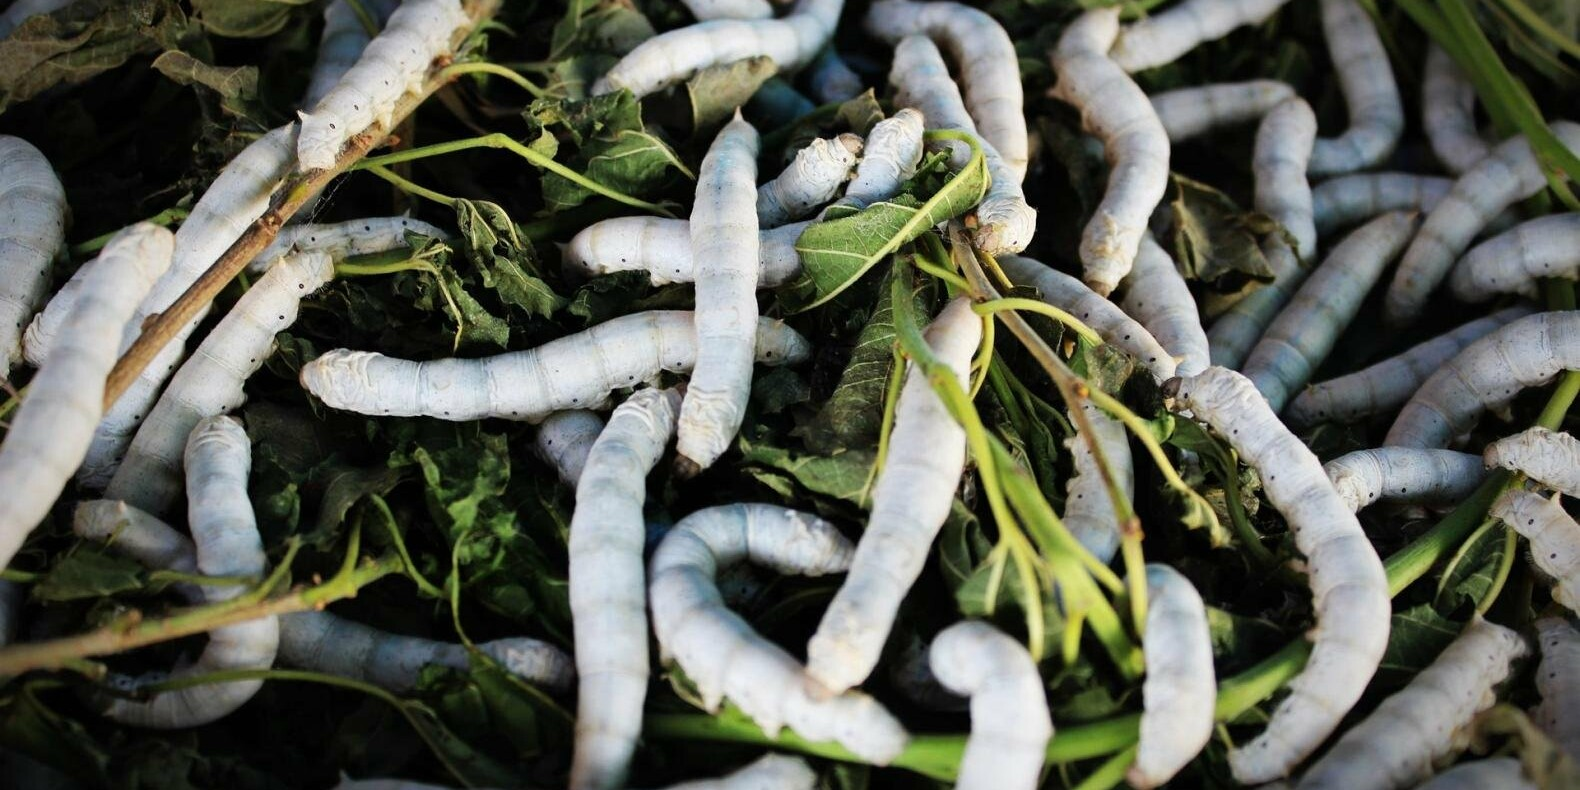 Скопление личинок после обработки деревьев в Алматы объяснили в акимате